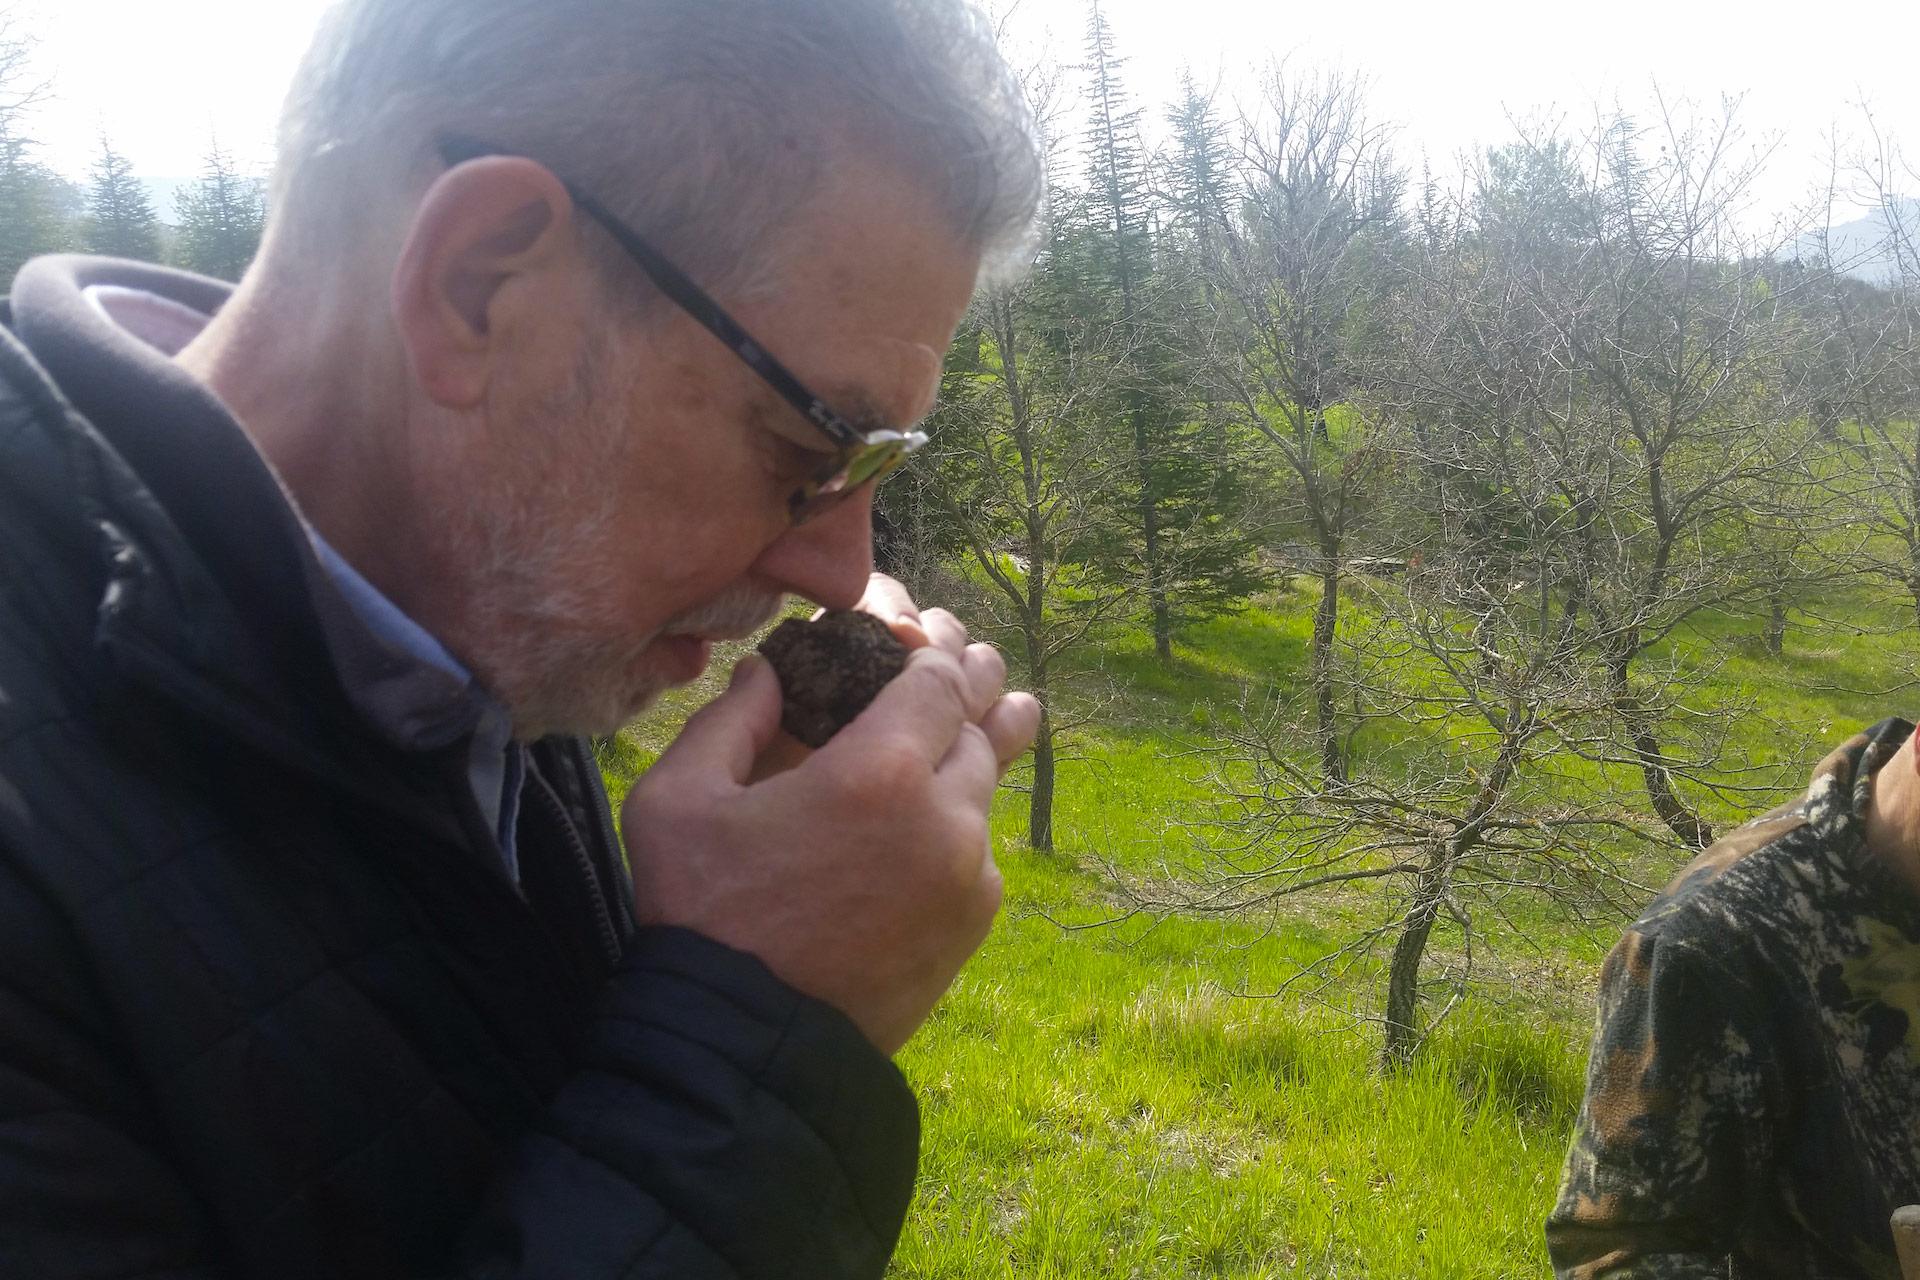 Esperienza sensoriale Assisi Tili Vini - Caccia al tartufo con pranzo 10